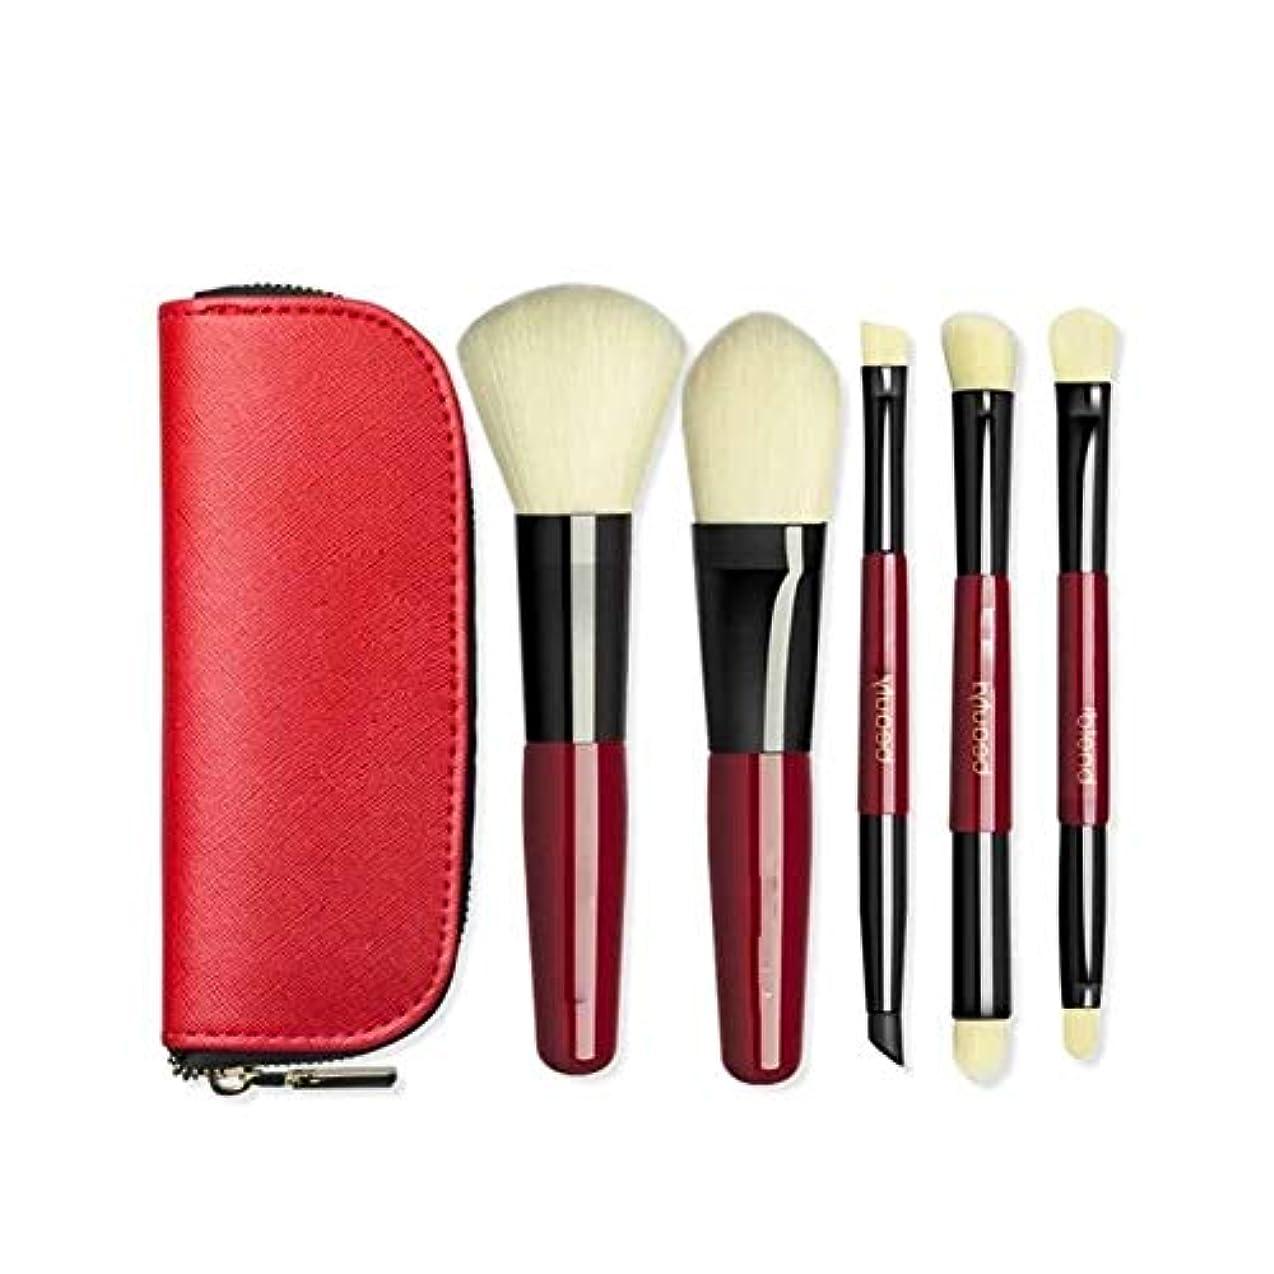 レベル顎要求TUOFL メイクブラシ、メイクブラシセット、初心者に適した5本のスティック、ダブルヘッドメイクブラシアイシャドウブラシ高光沢ブラシ、赤 (Color : Red)